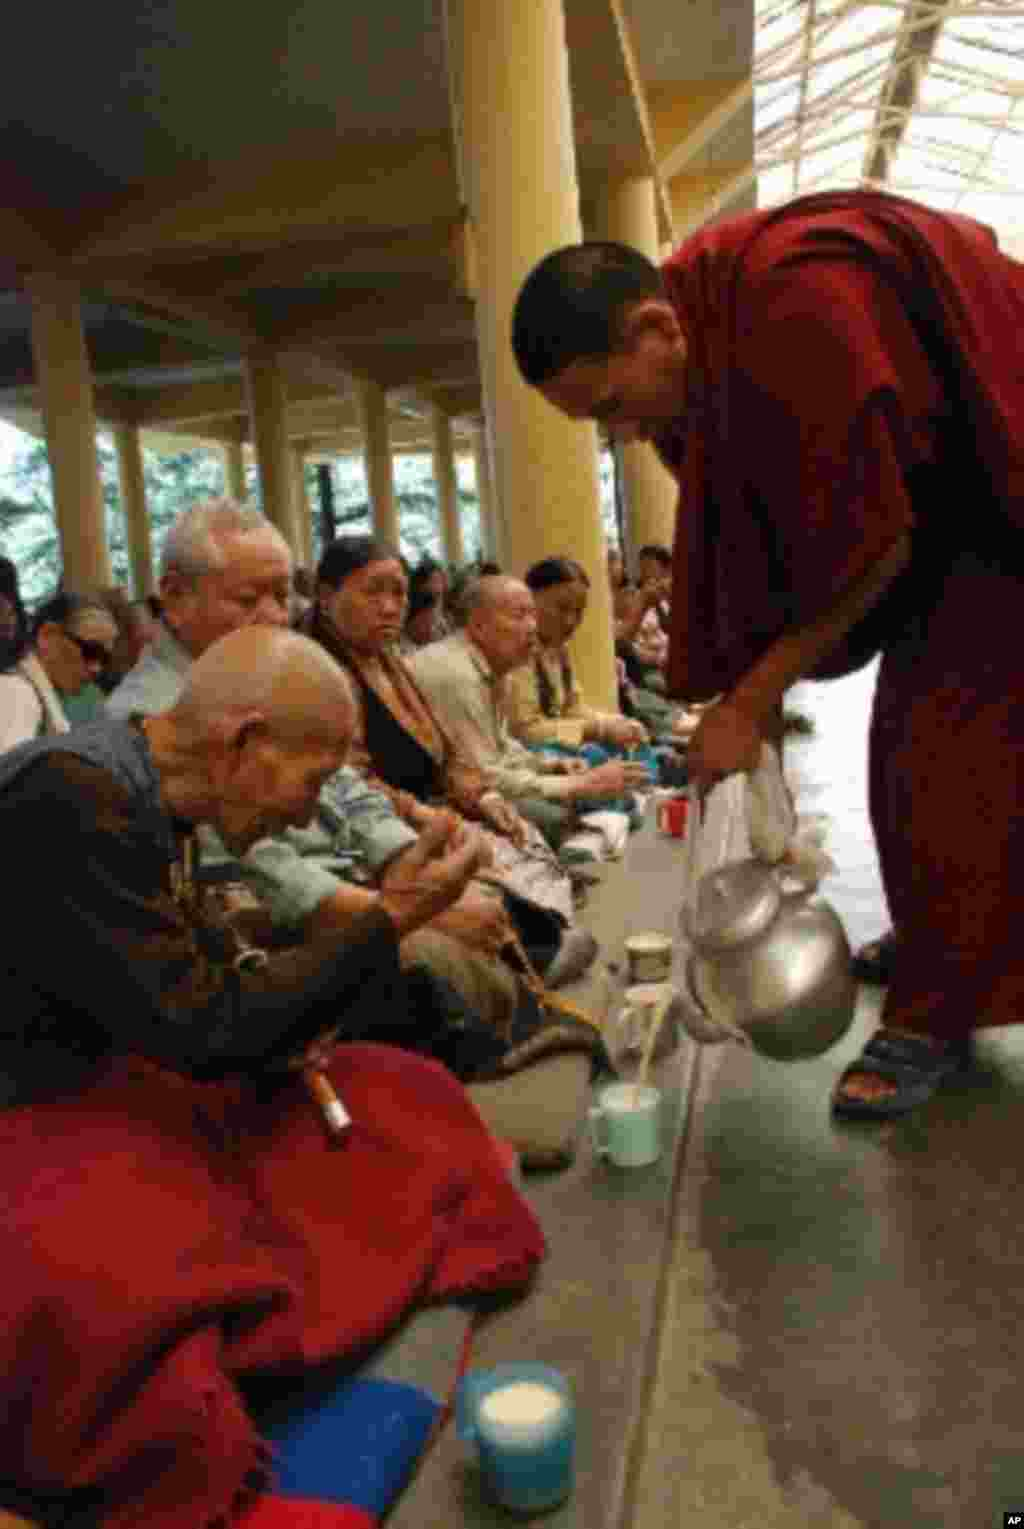 達賴喇嘛法王官邸前的西藏寺院,可以自由入內參觀。每天都有大批信眾聚集祈禱,並有喇嘛奉上西藏傳統的酥油茶